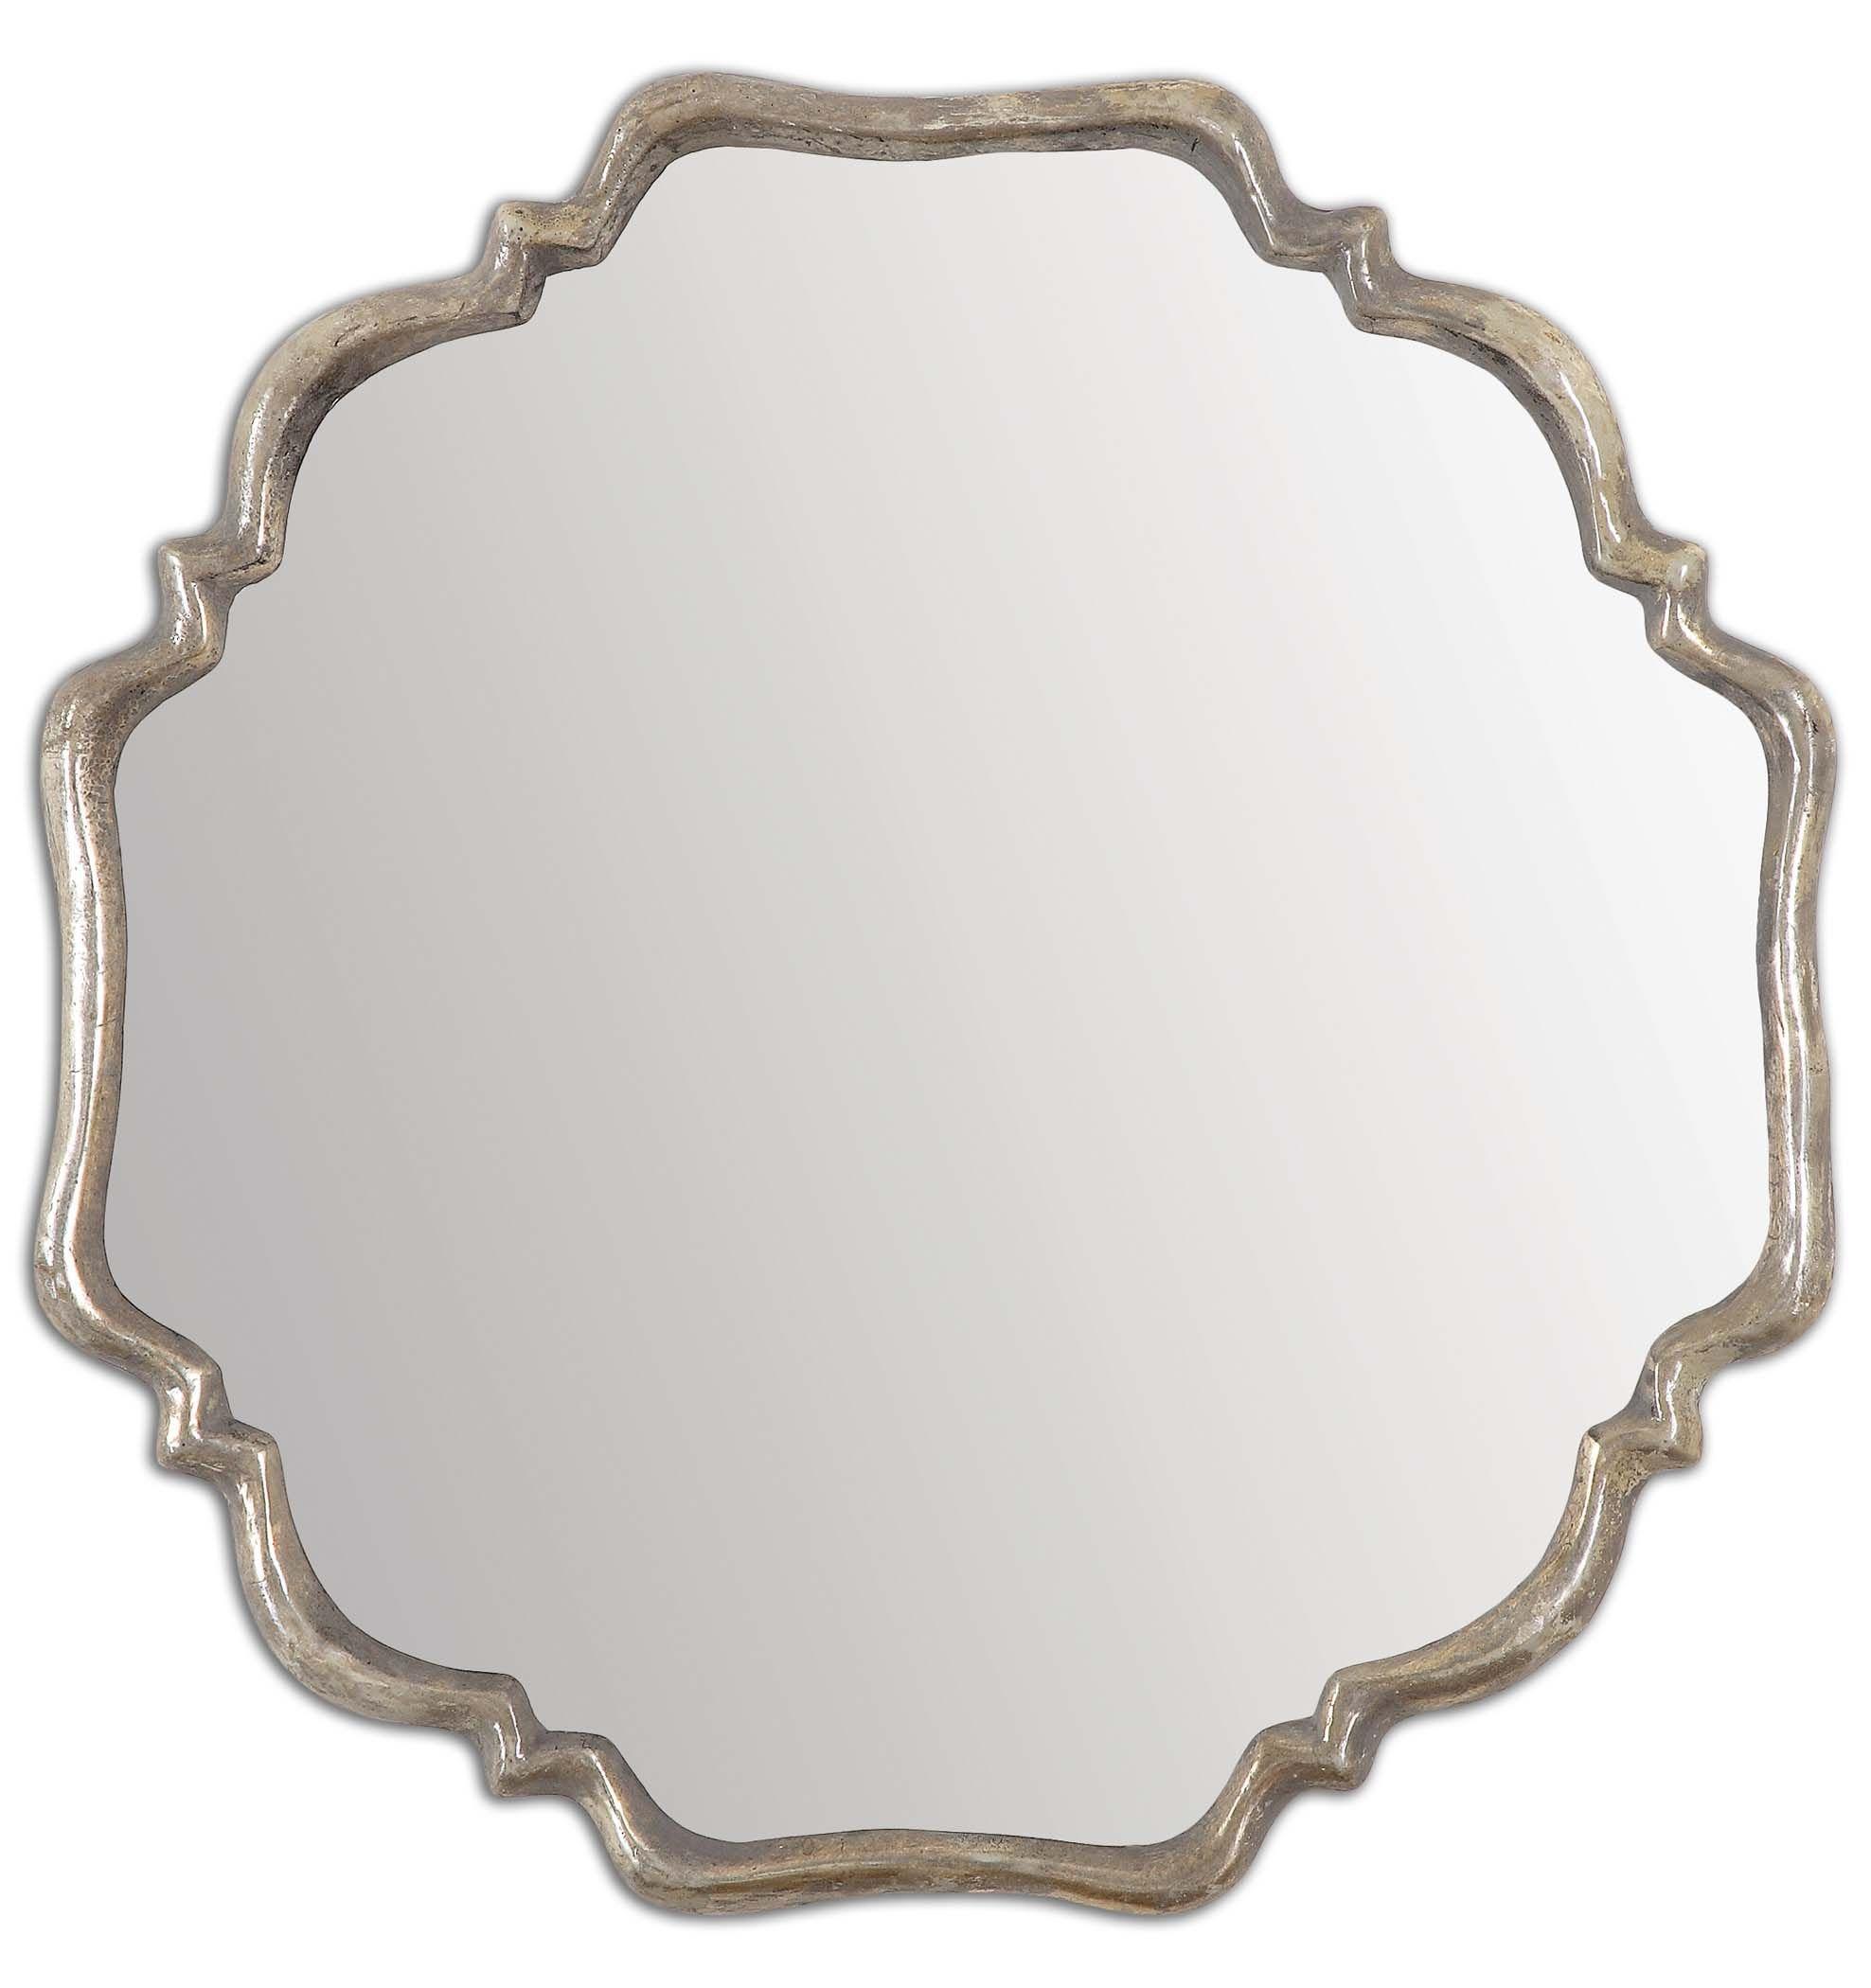 uttermost valentia silver mirror 12849 uttermost bedroom valentia silver mirror 12849   galeries acadiana      rh   galeriesacadiana